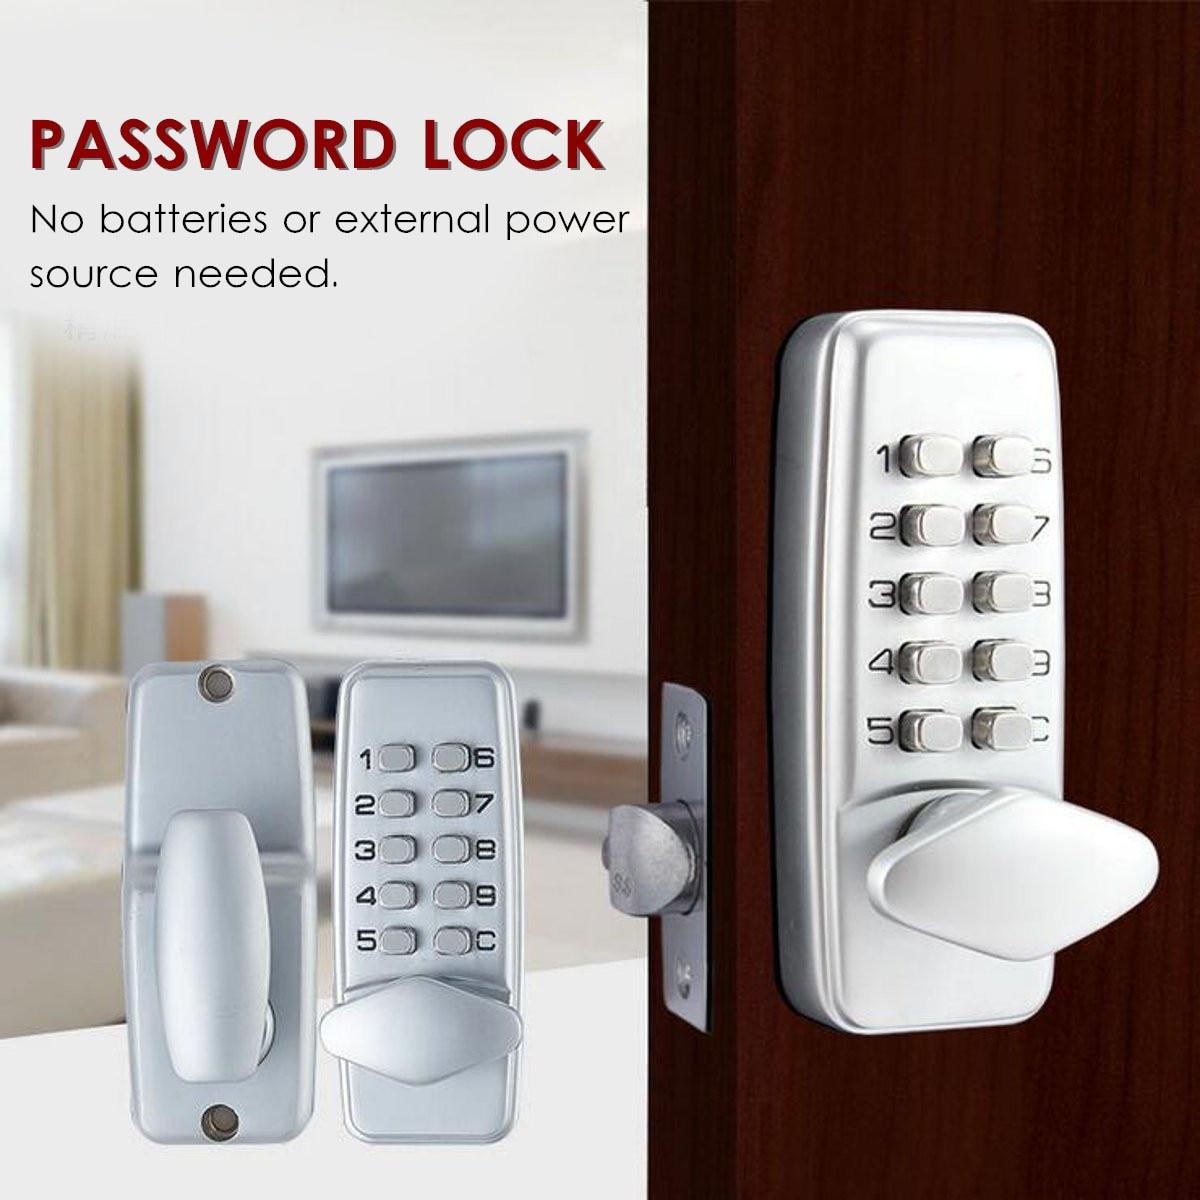 Zielsetzung Keyless Mechanische Türschloss Sicherheit Password Lock Digitale Code Eintrag Außen Mechanismus Access Control Lock Zubehör SchöN Und Charmant Zugangskontrolle